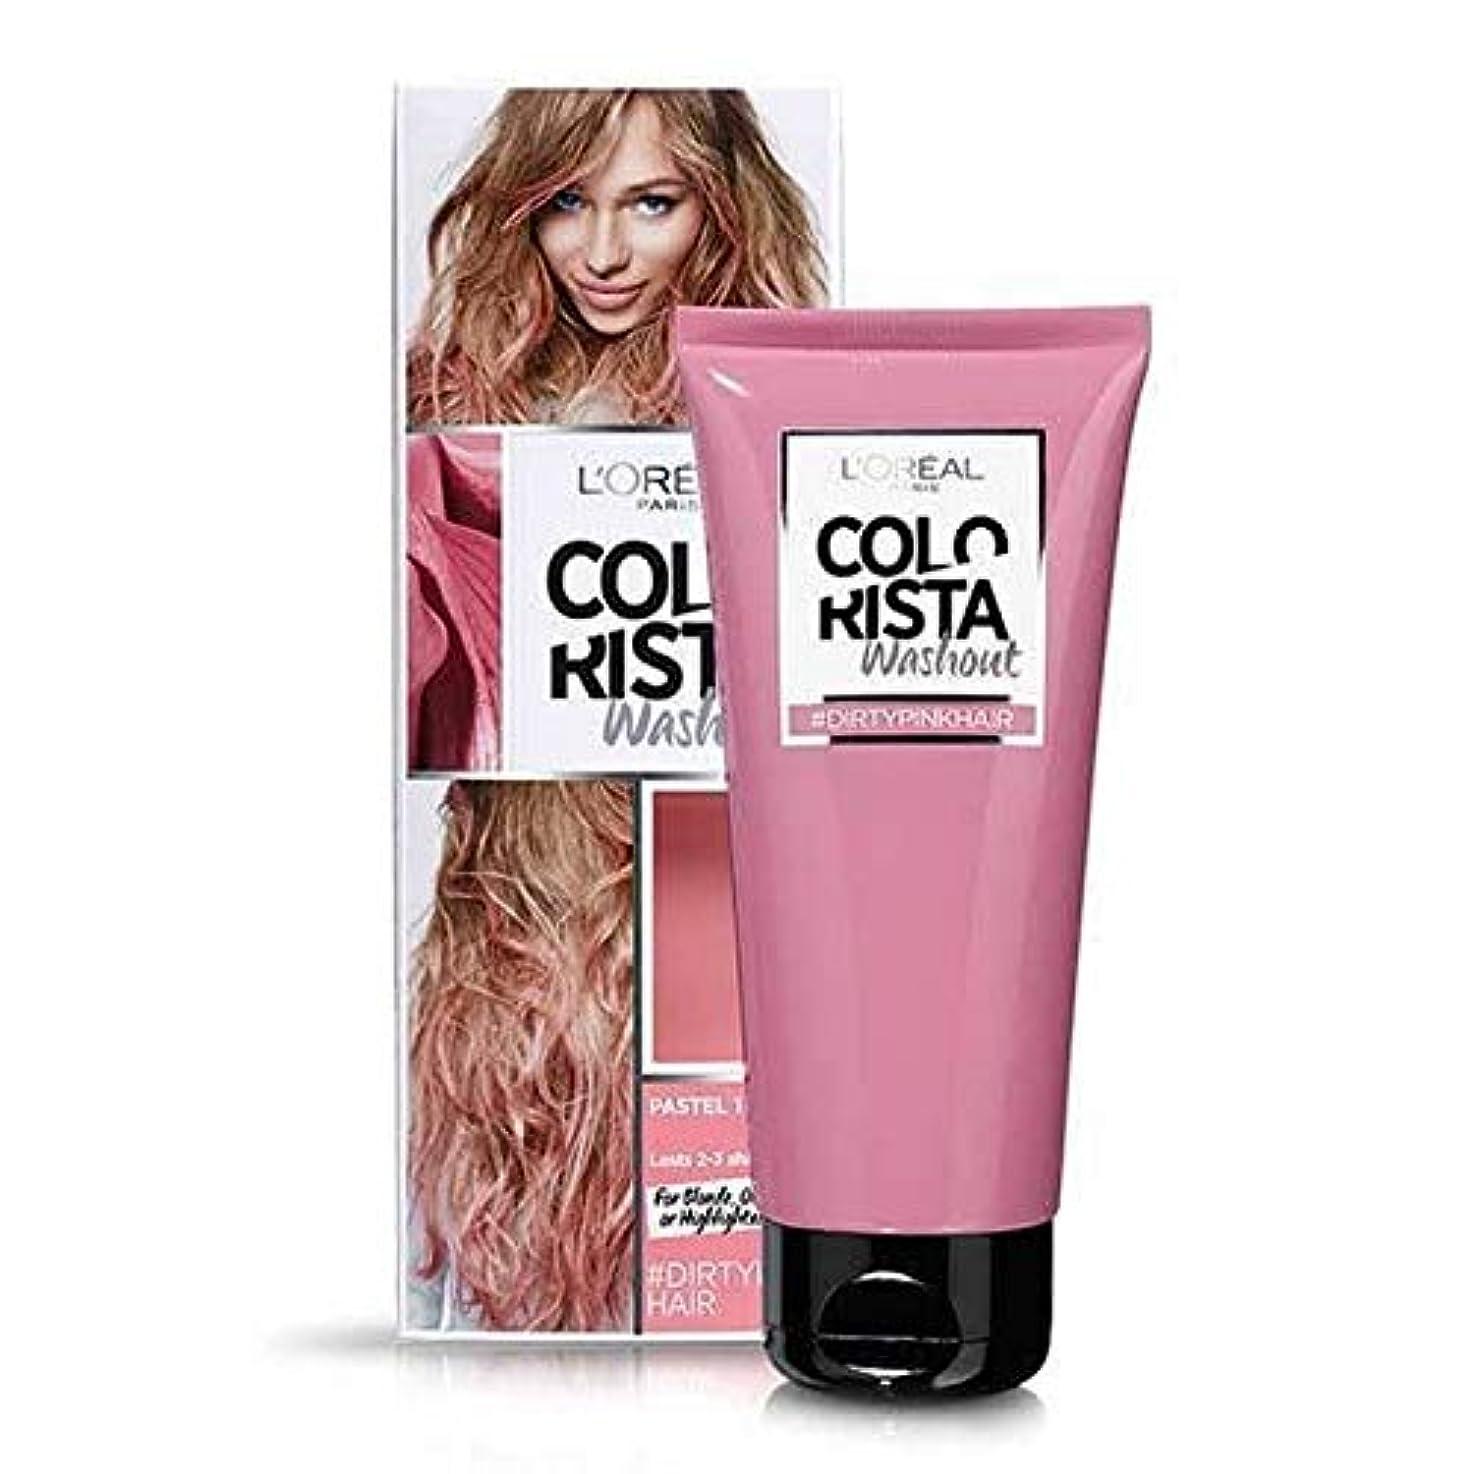 性差別ケントサドル[Colorista] Colorista洗い出し汚いピンク半永久染毛剤 - Colorista Washout Dirty Pink Semi-Permanent Hair Dye [並行輸入品]